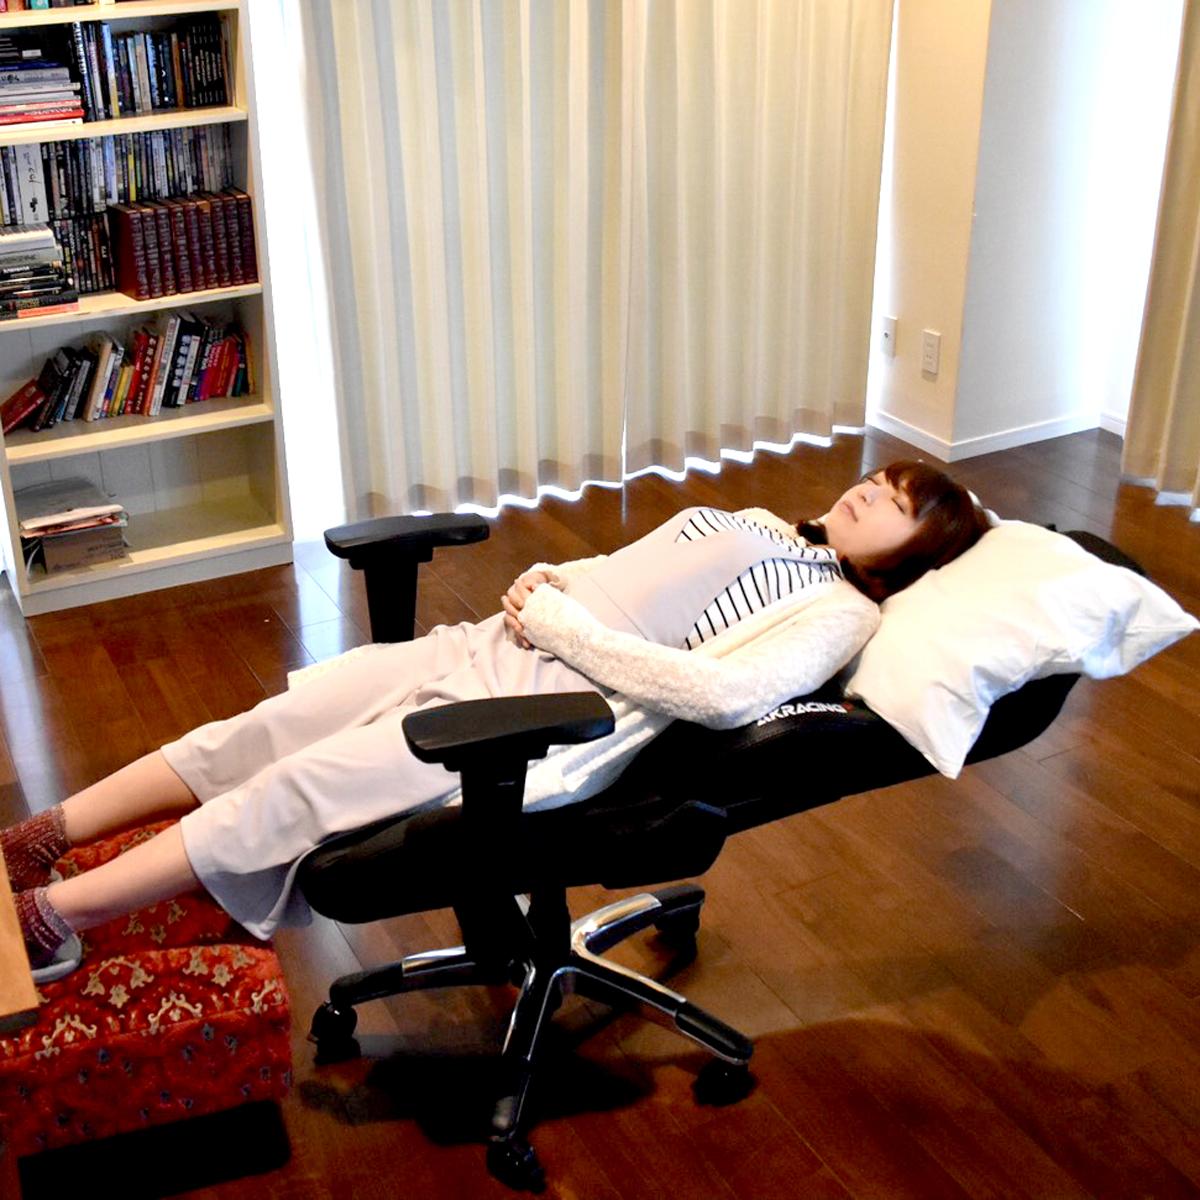 180°リクライニングでぐっすり睡眠もOK? 最上位ゲーミングチェアが極上の使い心地